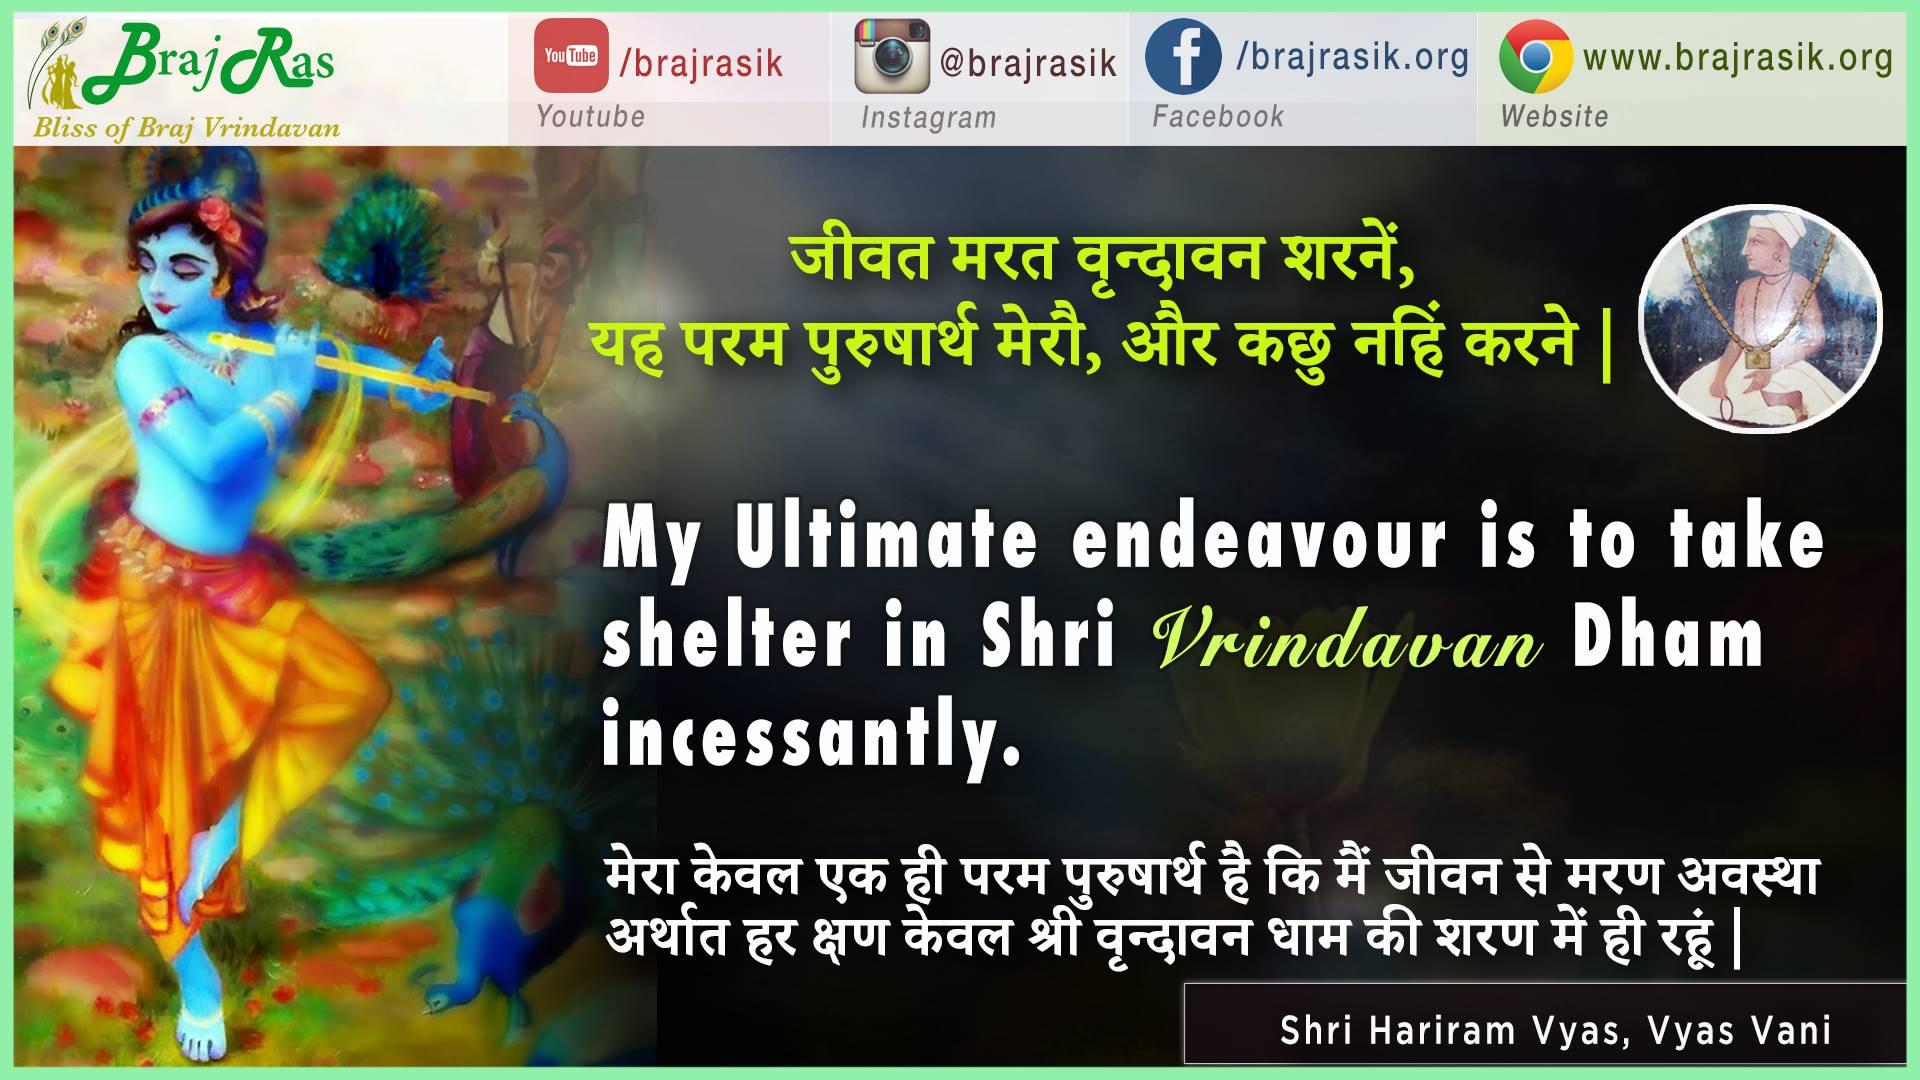 Jeevat Marat Vrindavan Sharnein - Shri Hariram Vyas (Vishakha Avtar), Vyas Vani